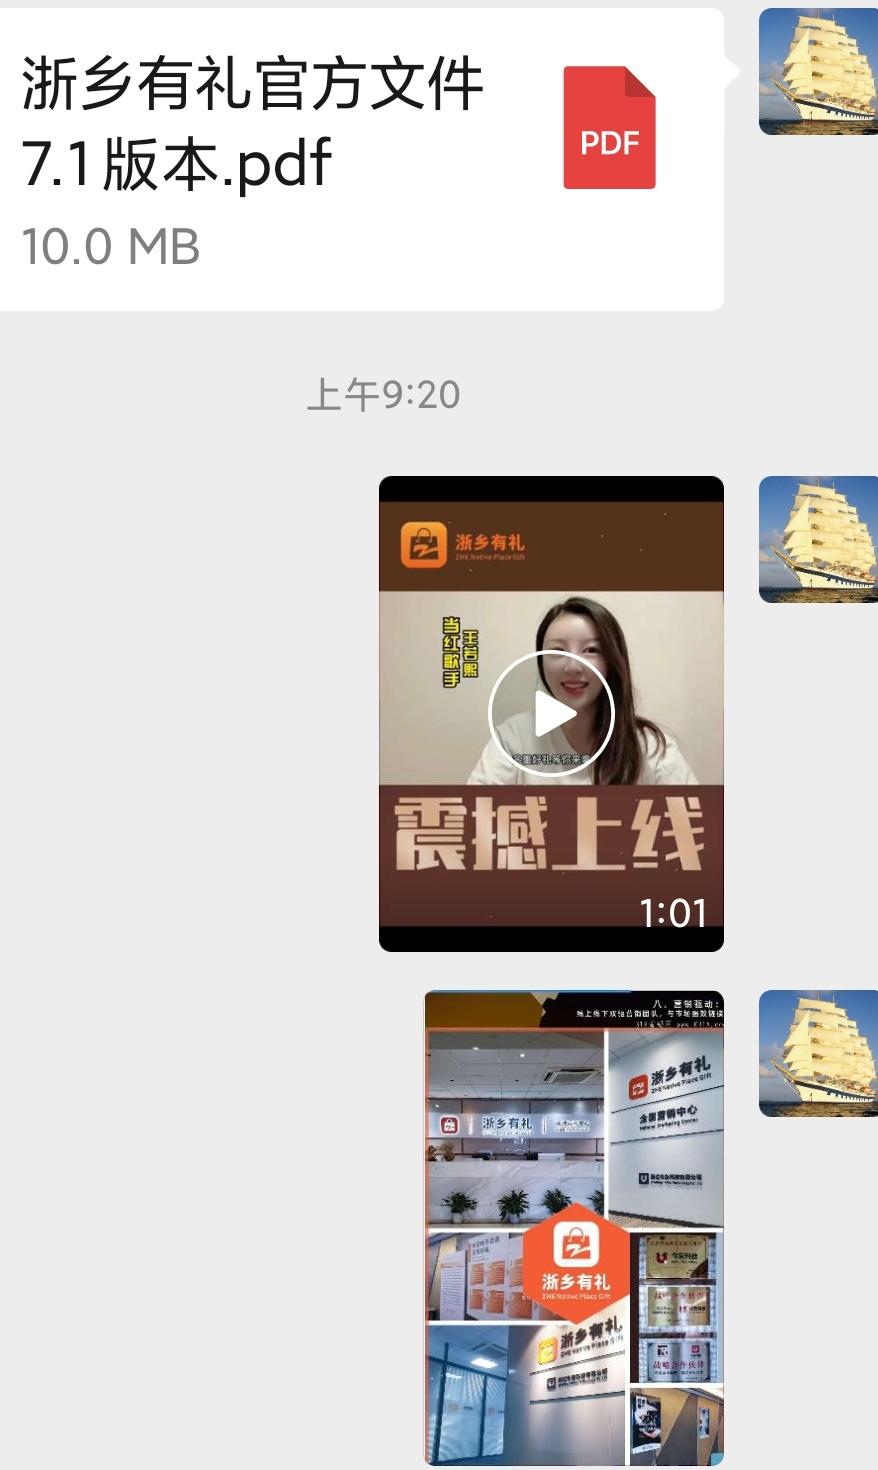 图片[5]-浙乡有礼拼团首码,全新模式撸红包拼团无压力-首码社